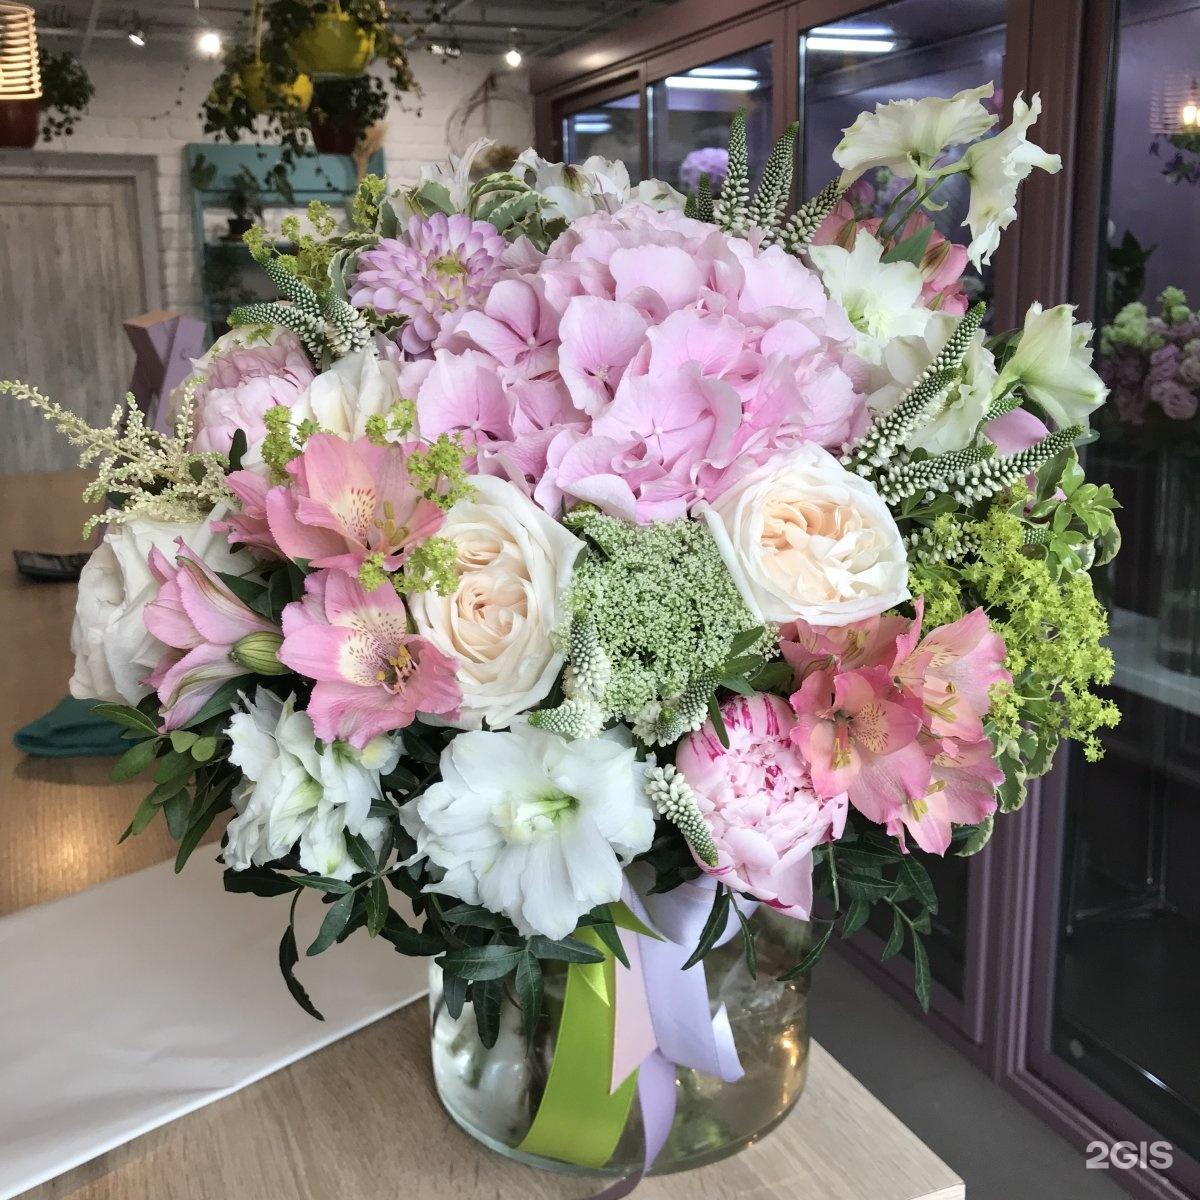 Купить цветы, интернет магазин цветов саратов